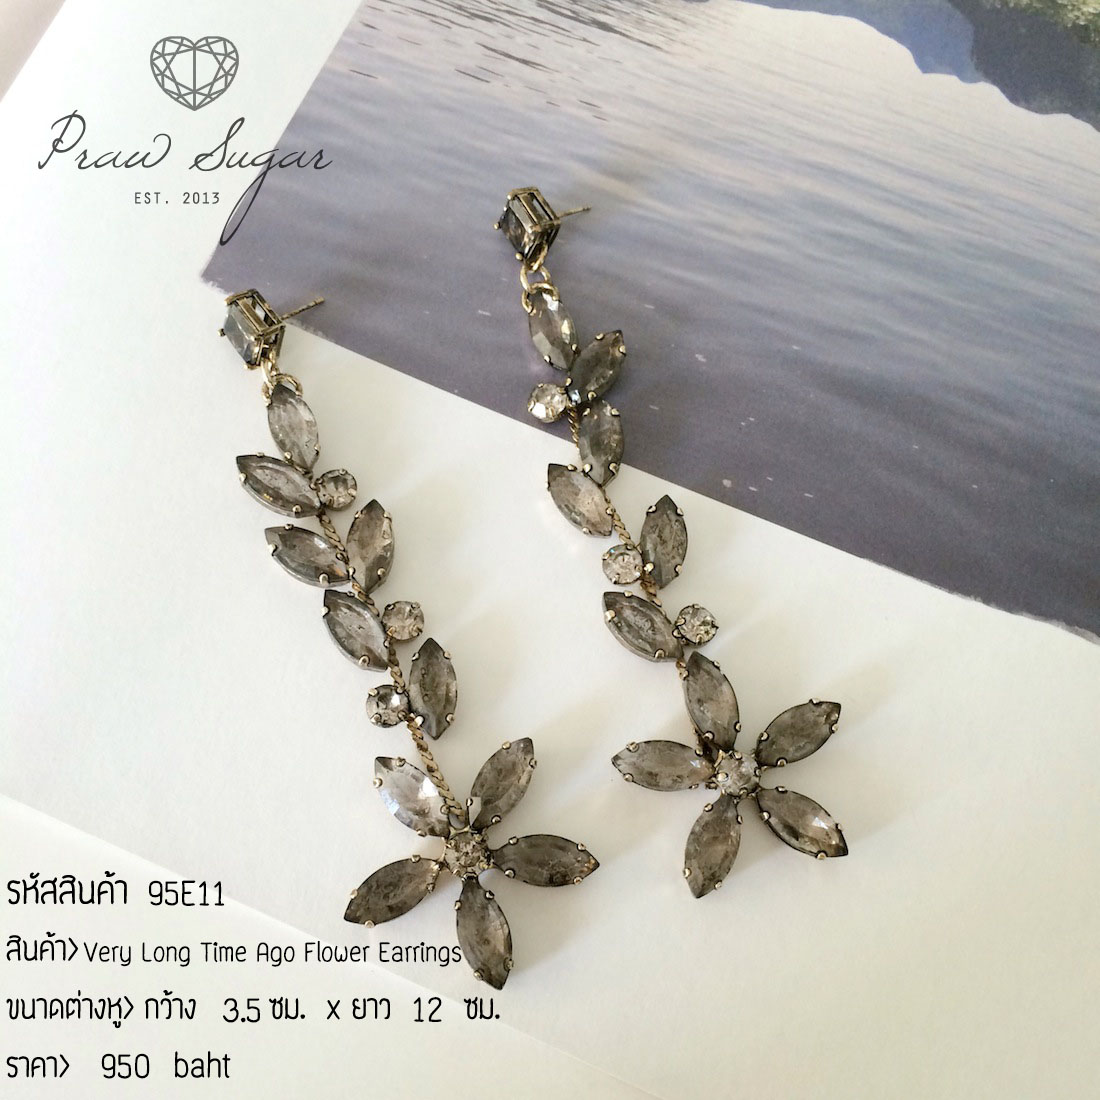 Very Long Time Ago Flower Earrings